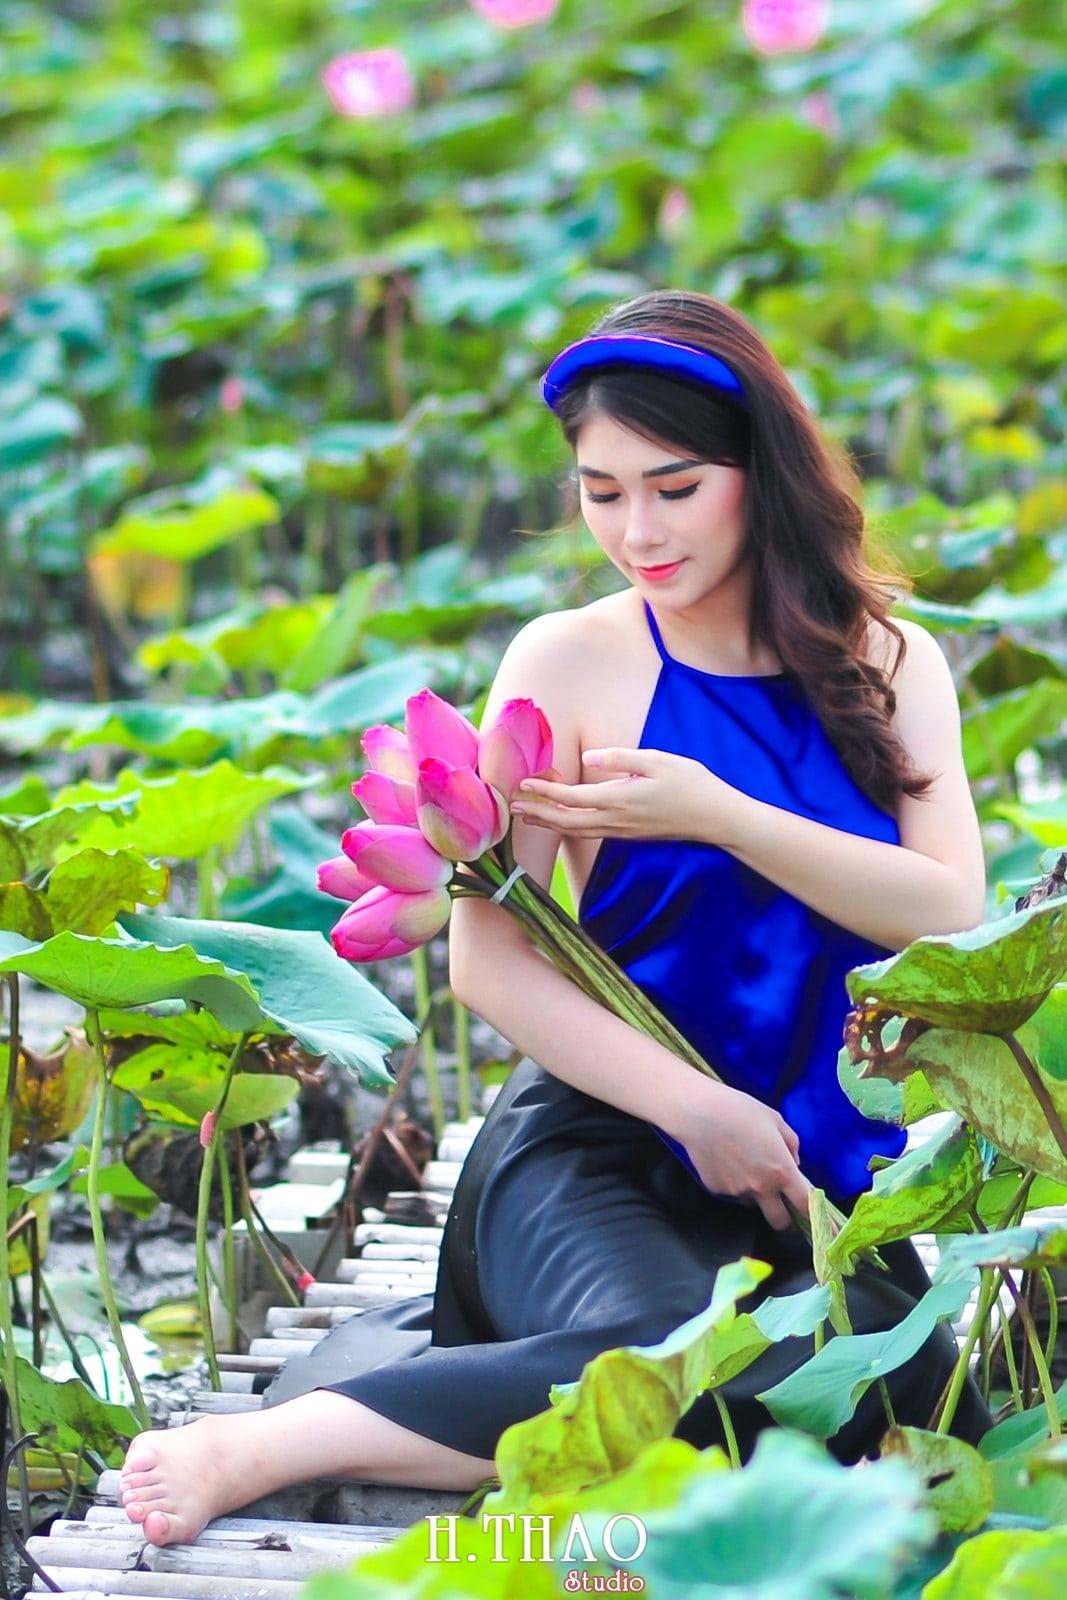 anh sen 5 - Bộ ảnh Sen với áo yếm đẹp nhẹ nhàng - HThao Studio